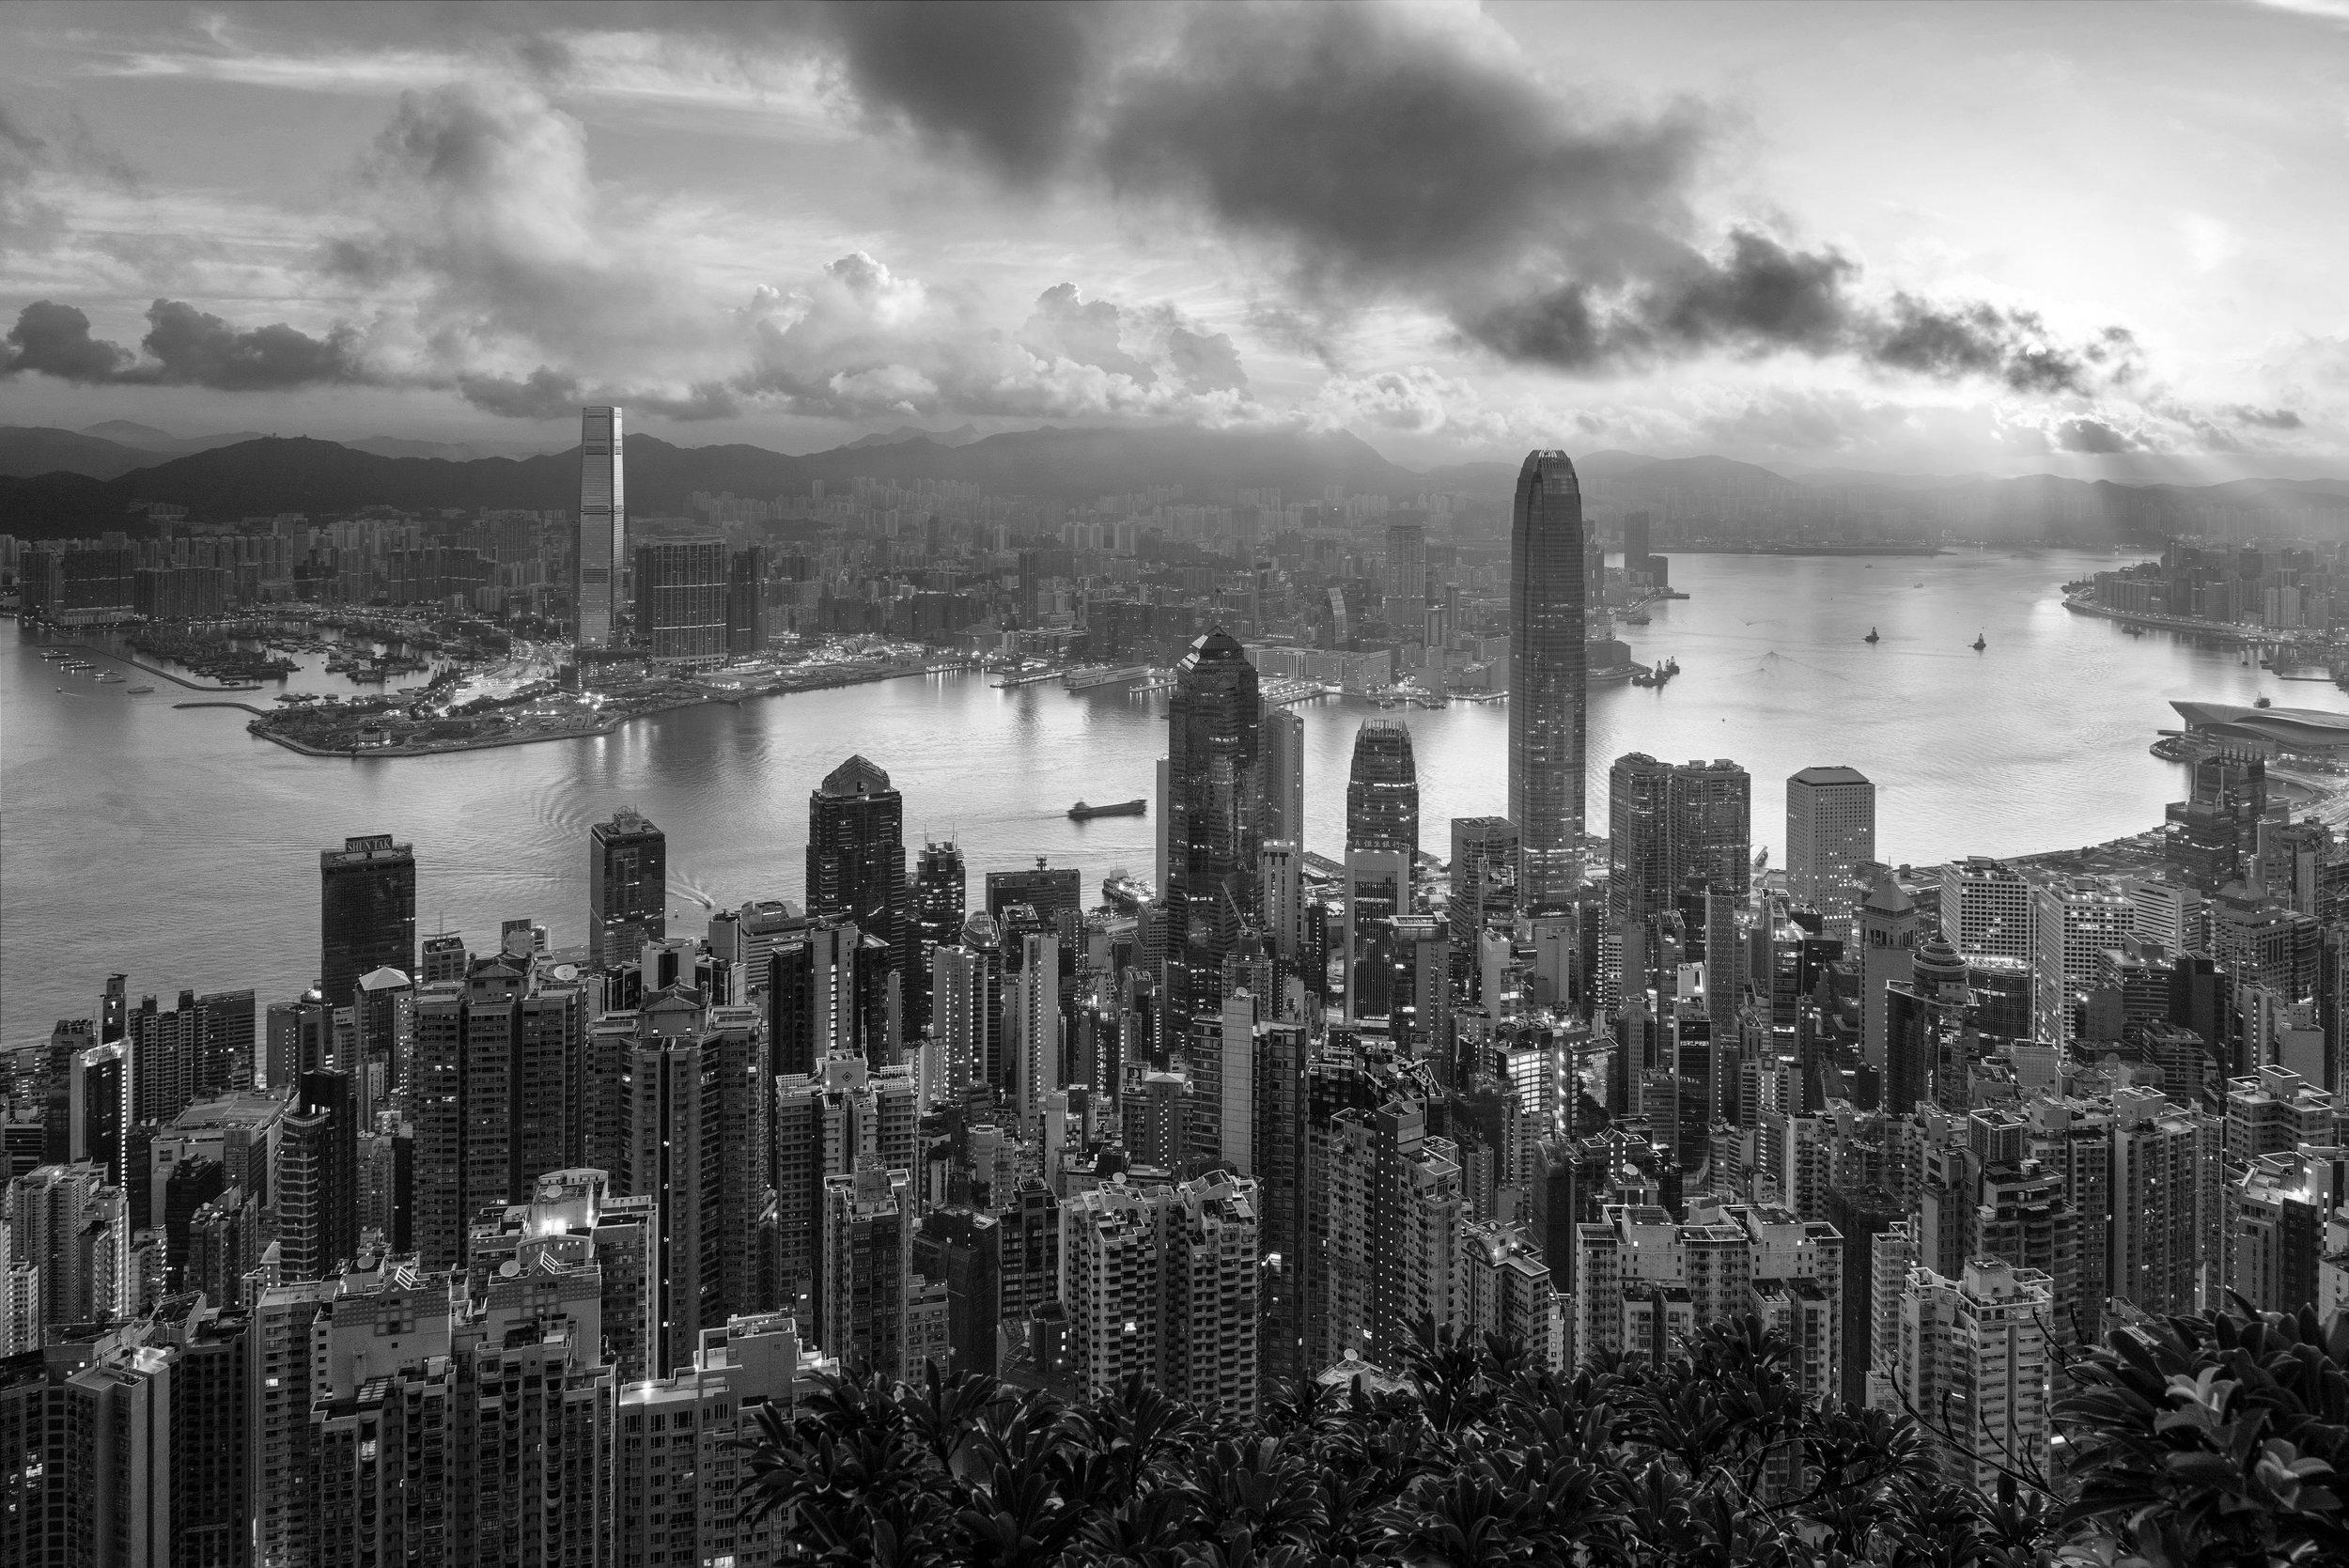 HONG KONG - 7A Chancery Lane, Central, Hong Kong+852 62 54 14 76c.becker@metis-international.com